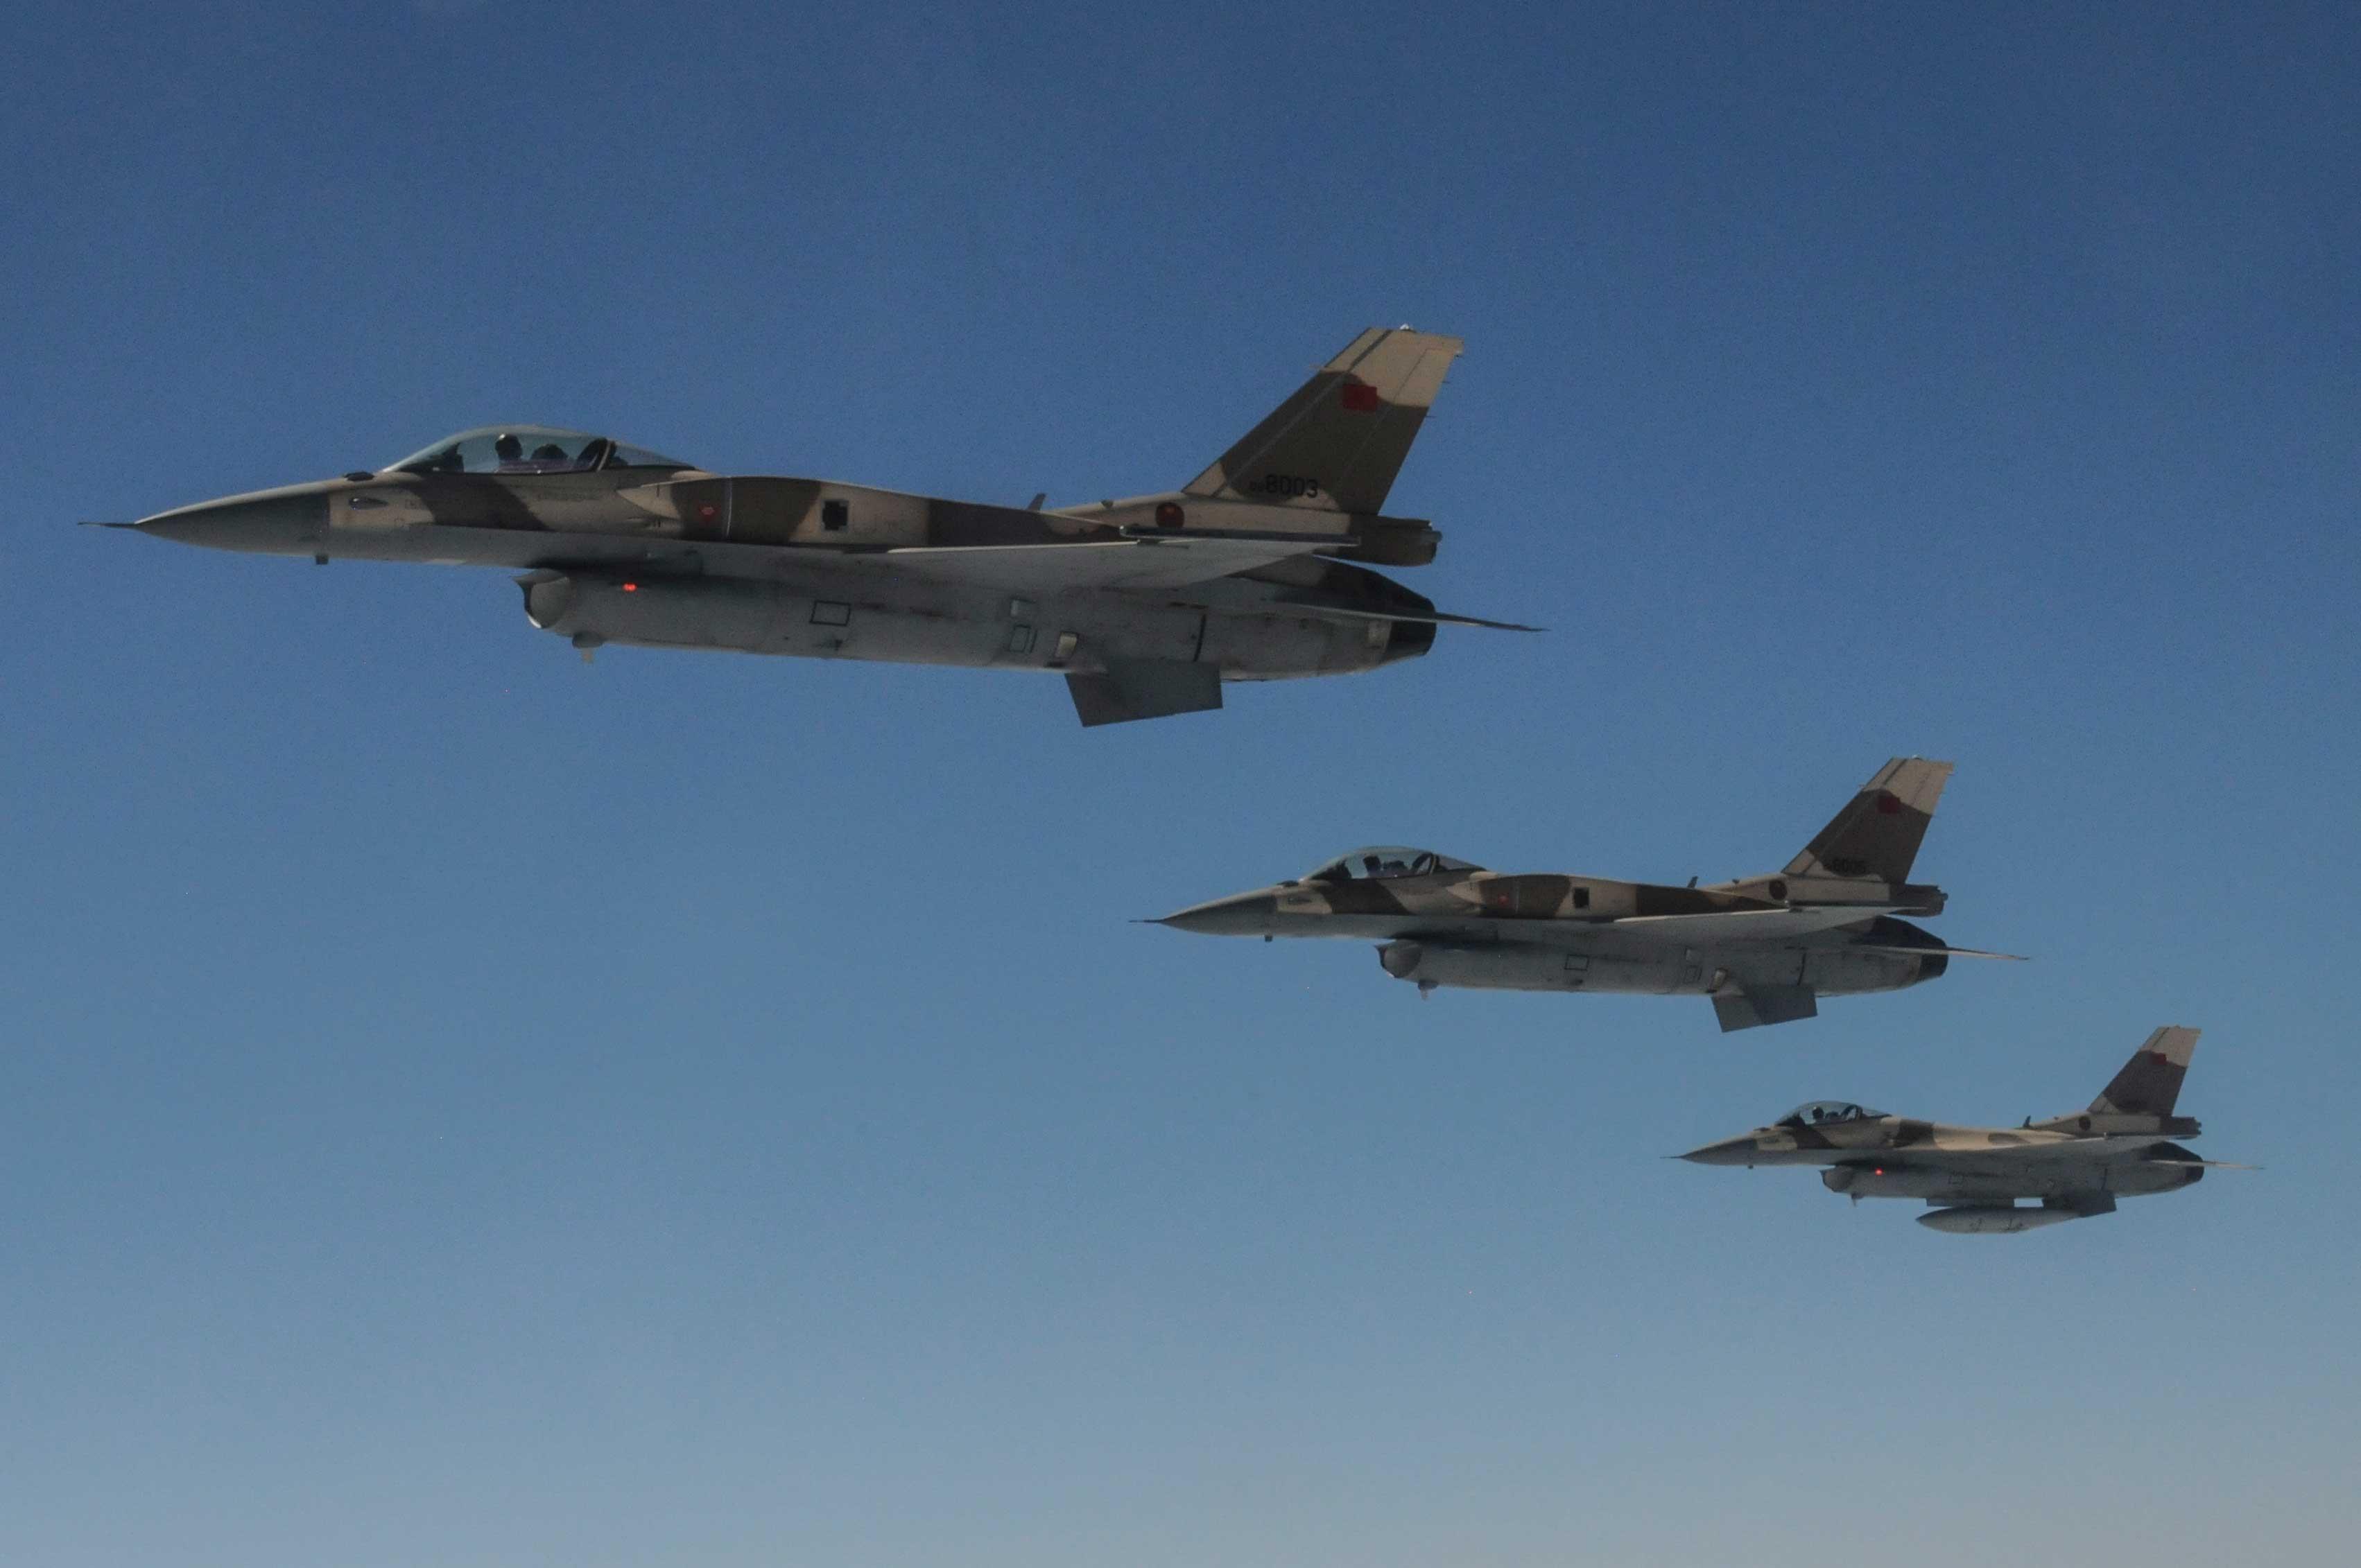 القوات الجوية الملكية المغربية - متجدد - - صفحة 2 150729054430744272